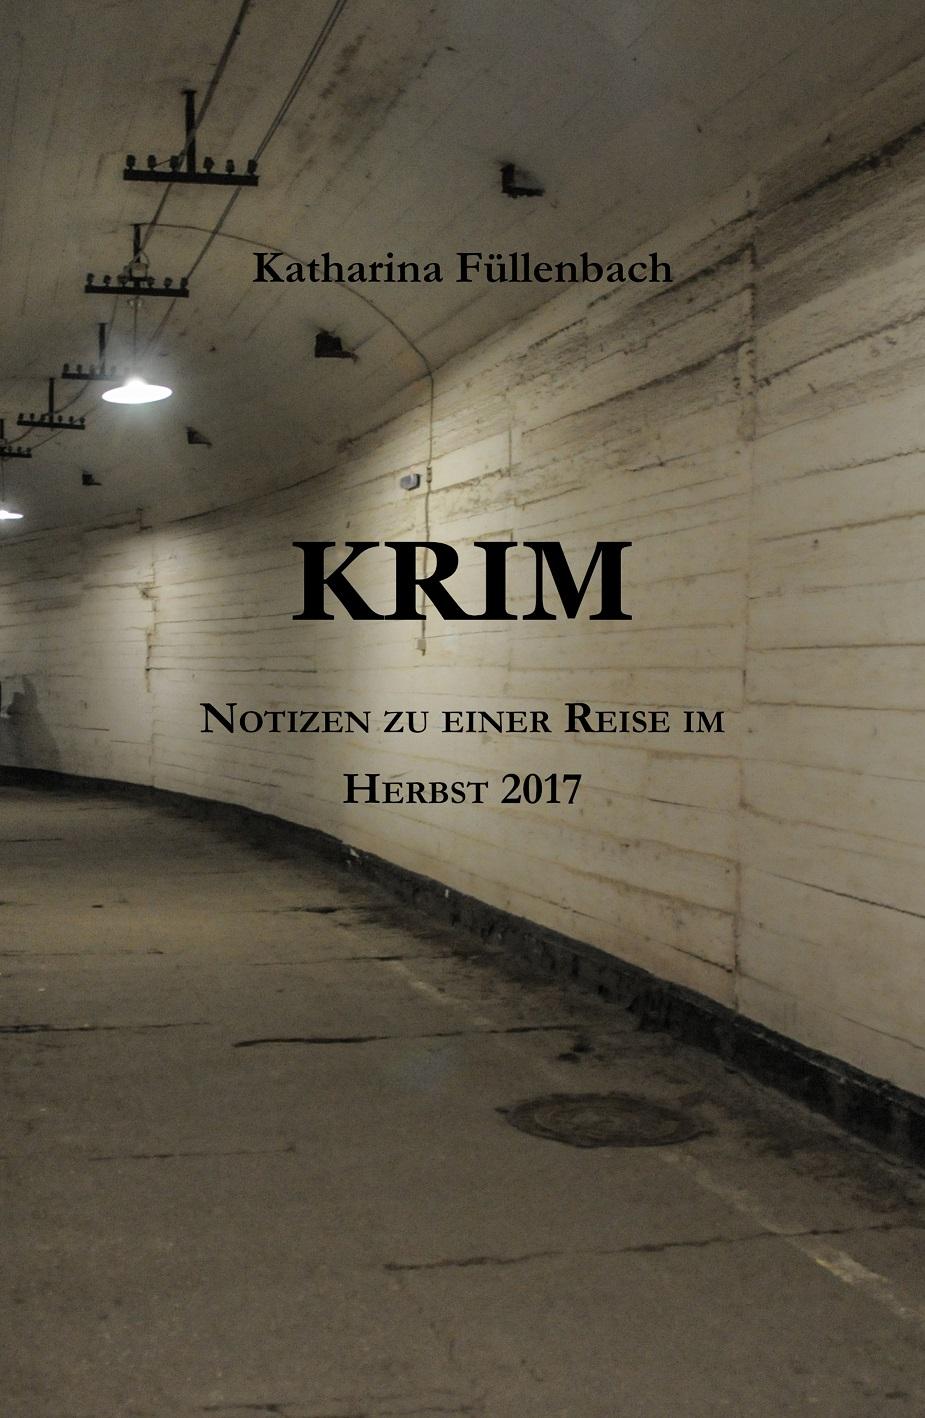 KRIM – Notizen zu einer Reise im Herbst 2017